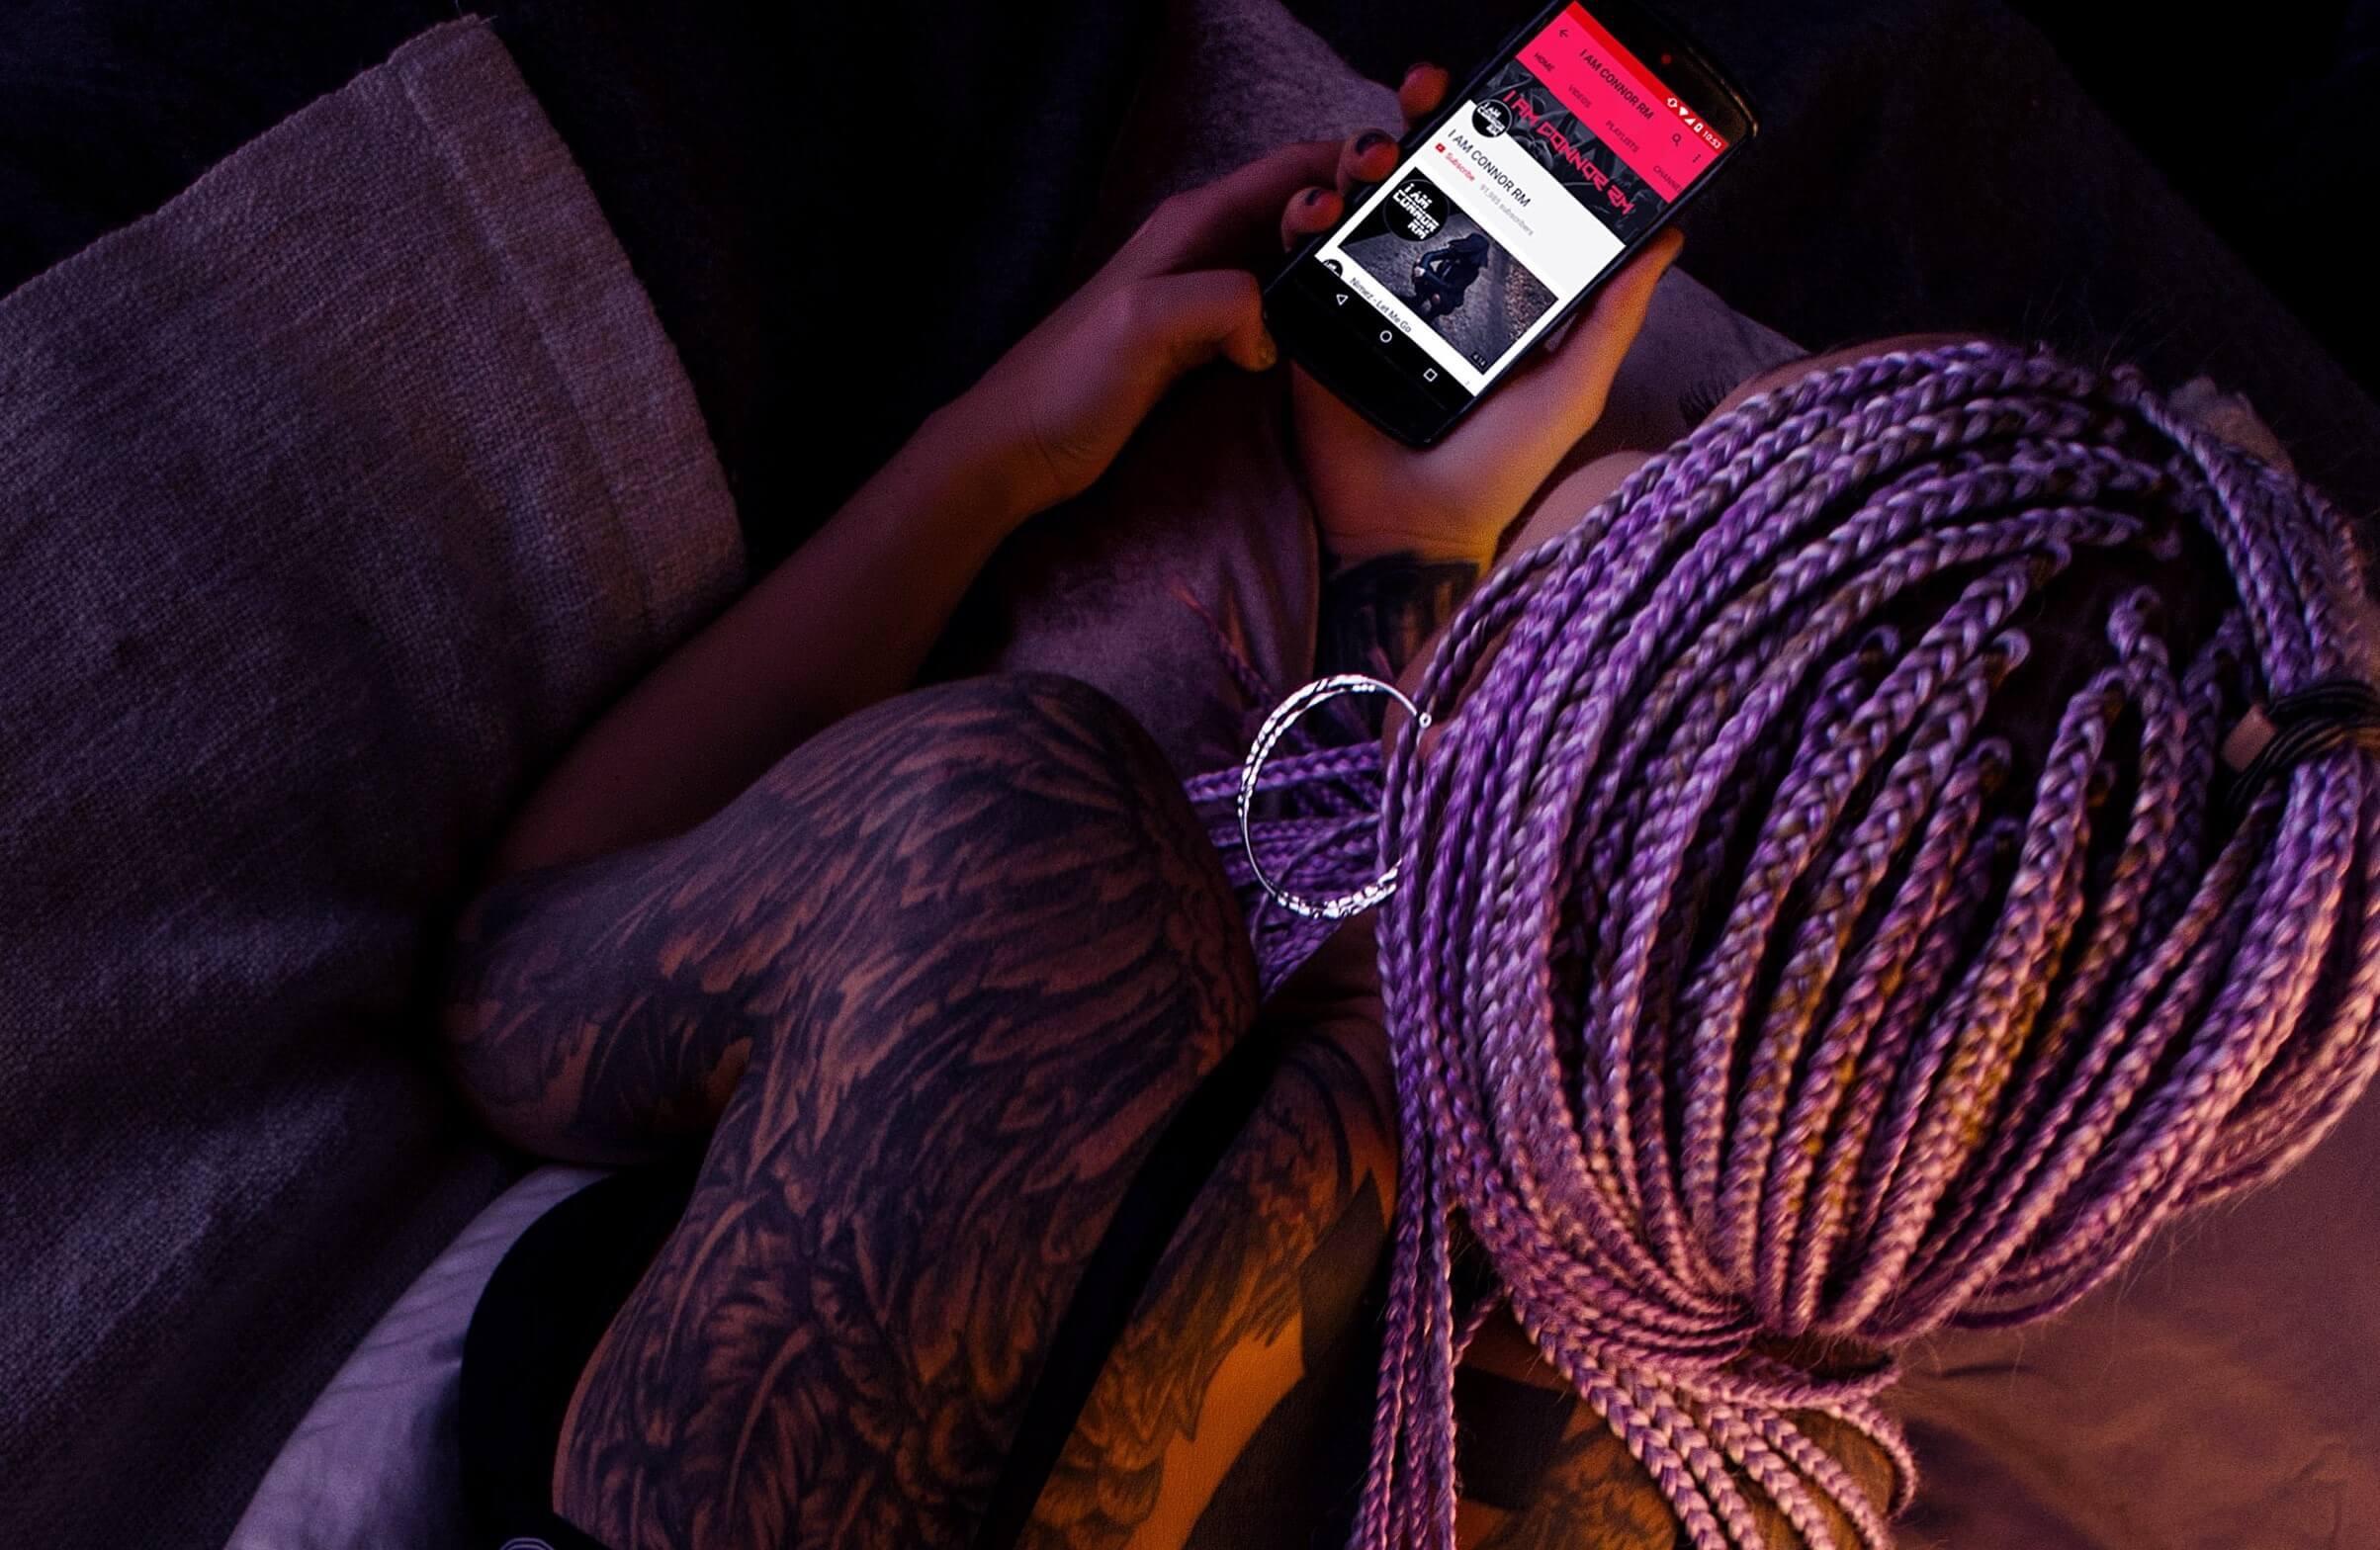 Cerca de 37% das mensagens enviadas por mulheres obtém respostas em sites de namoro (Foto: Nappy Photos/IamConnorrm/Creative Commons)